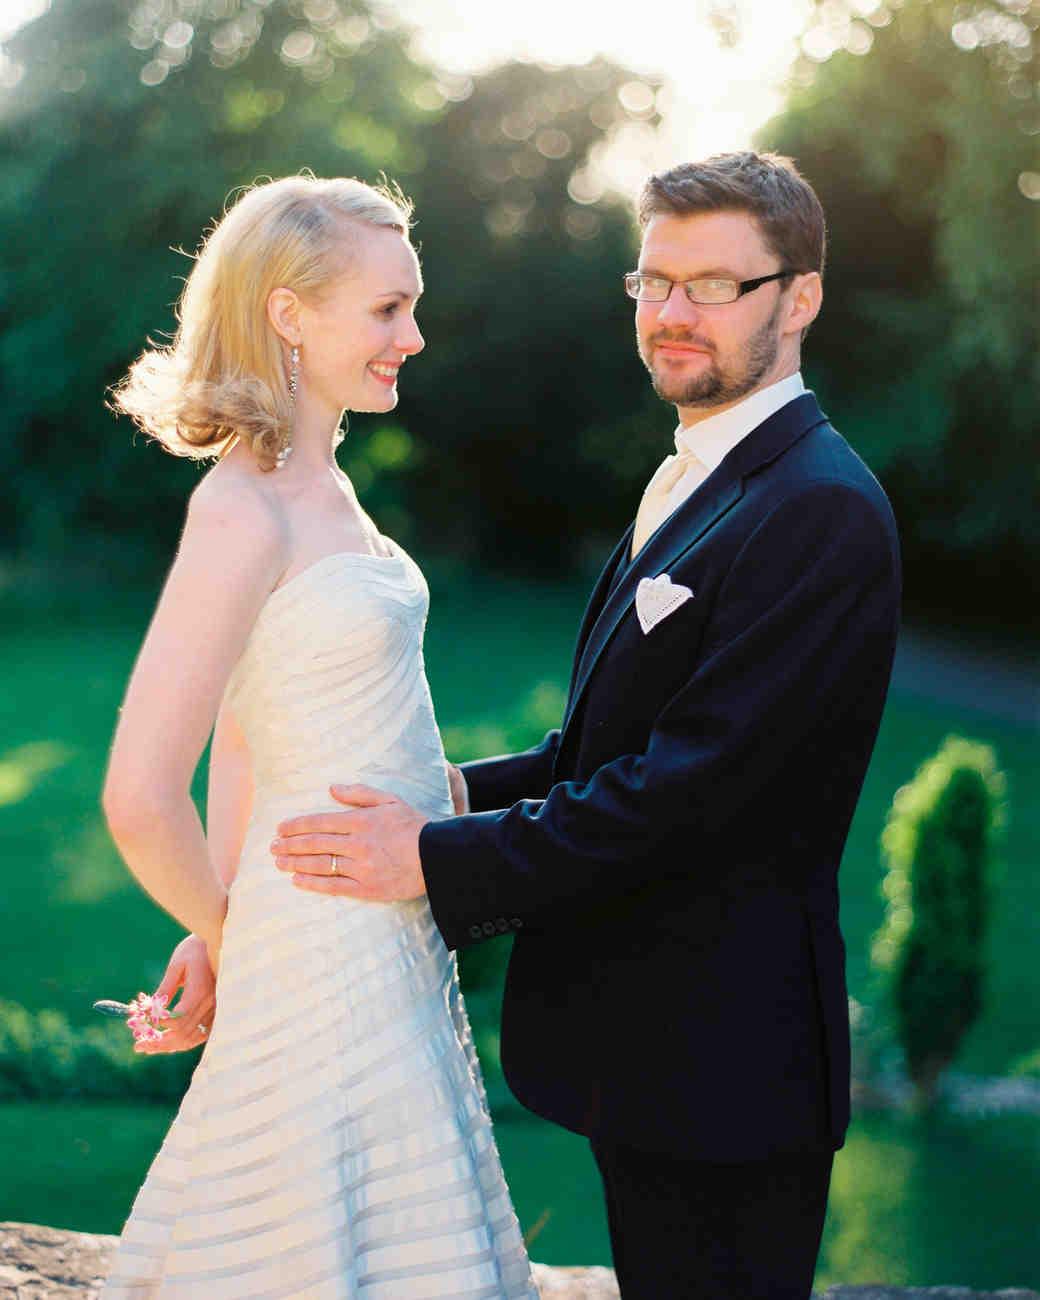 A Whimsical Outdoor Garden Destination Wedding in England